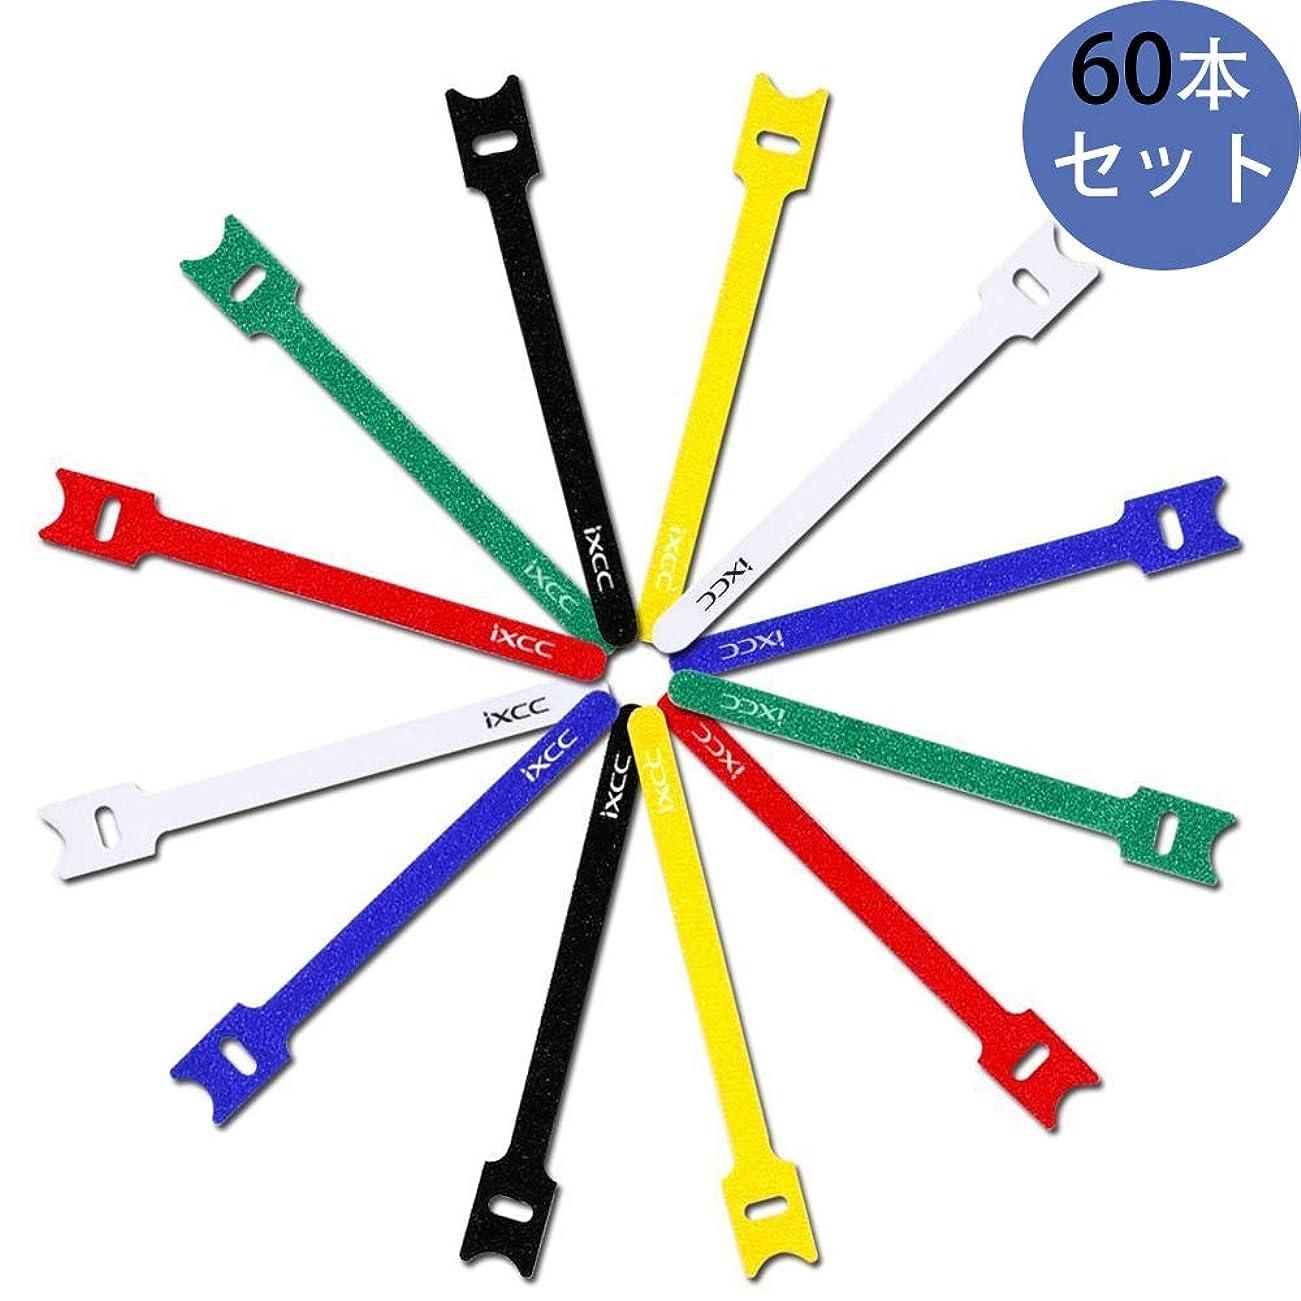 特権カジュアルドライiXCC 結束バンド高品質 収納バンド ベルクロ テープ ケーブル/コード配線収納 【15cm*60本、6色】